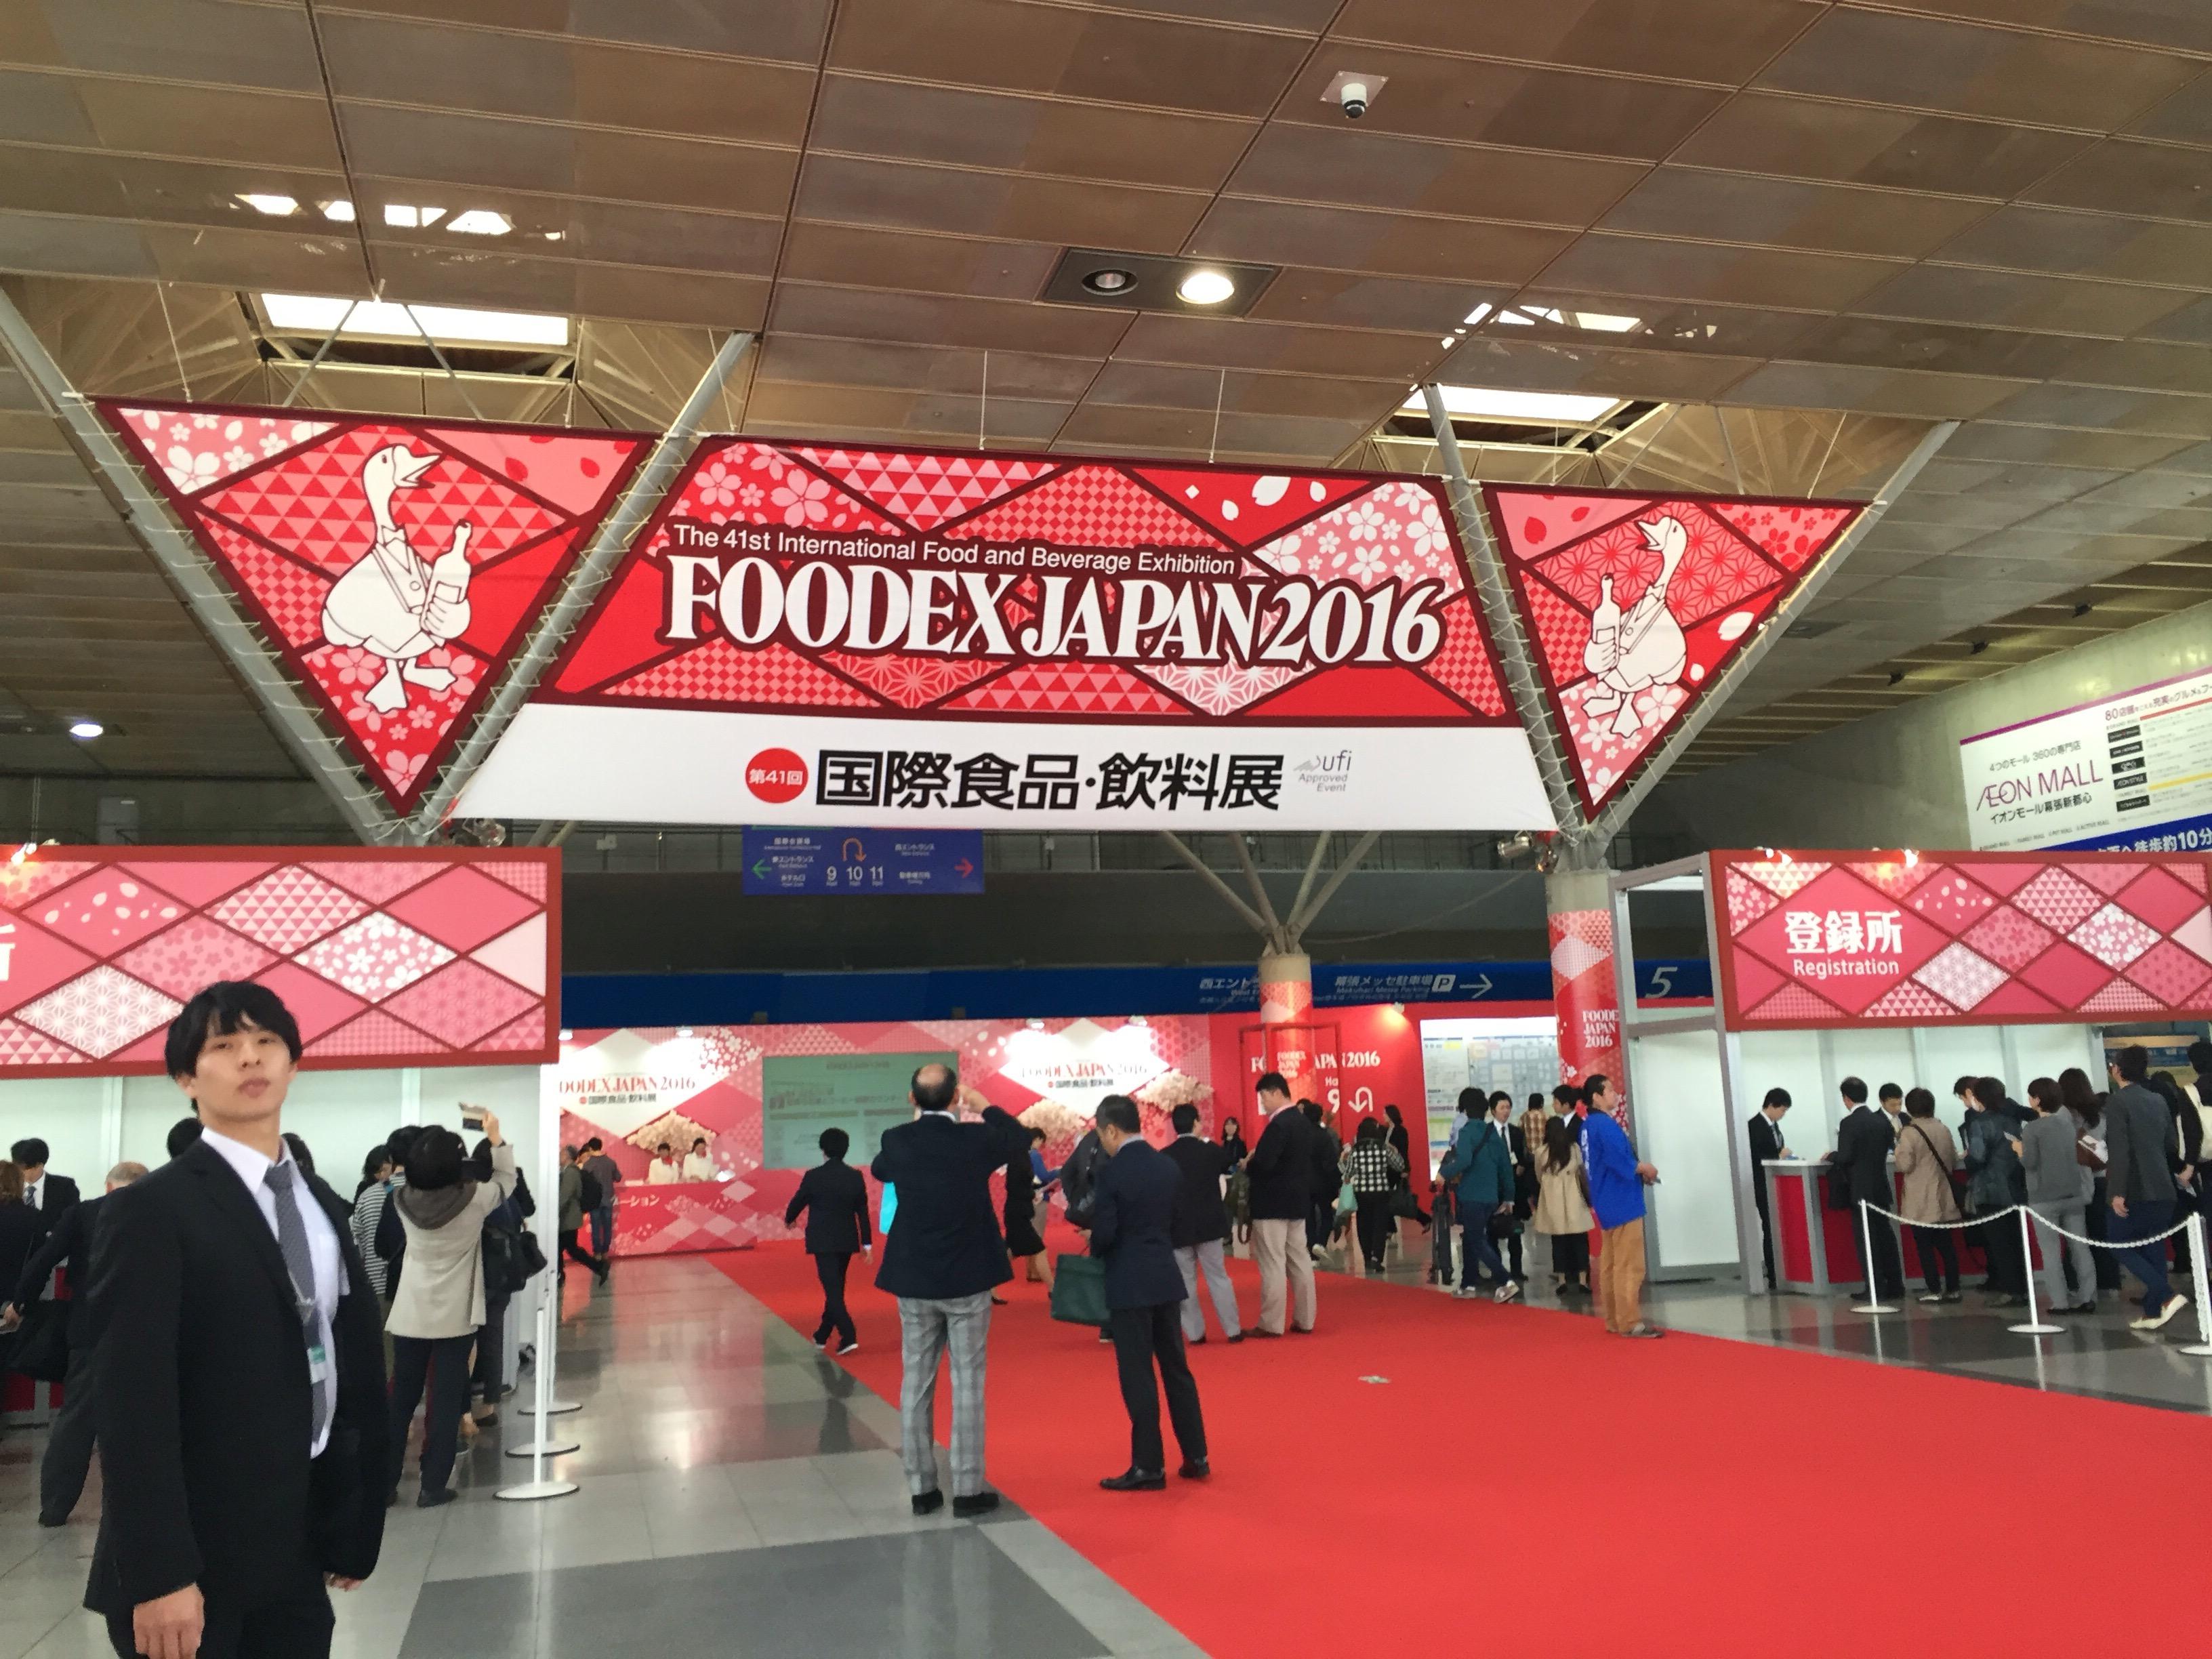 FOODEX JAPAN2016 開催中